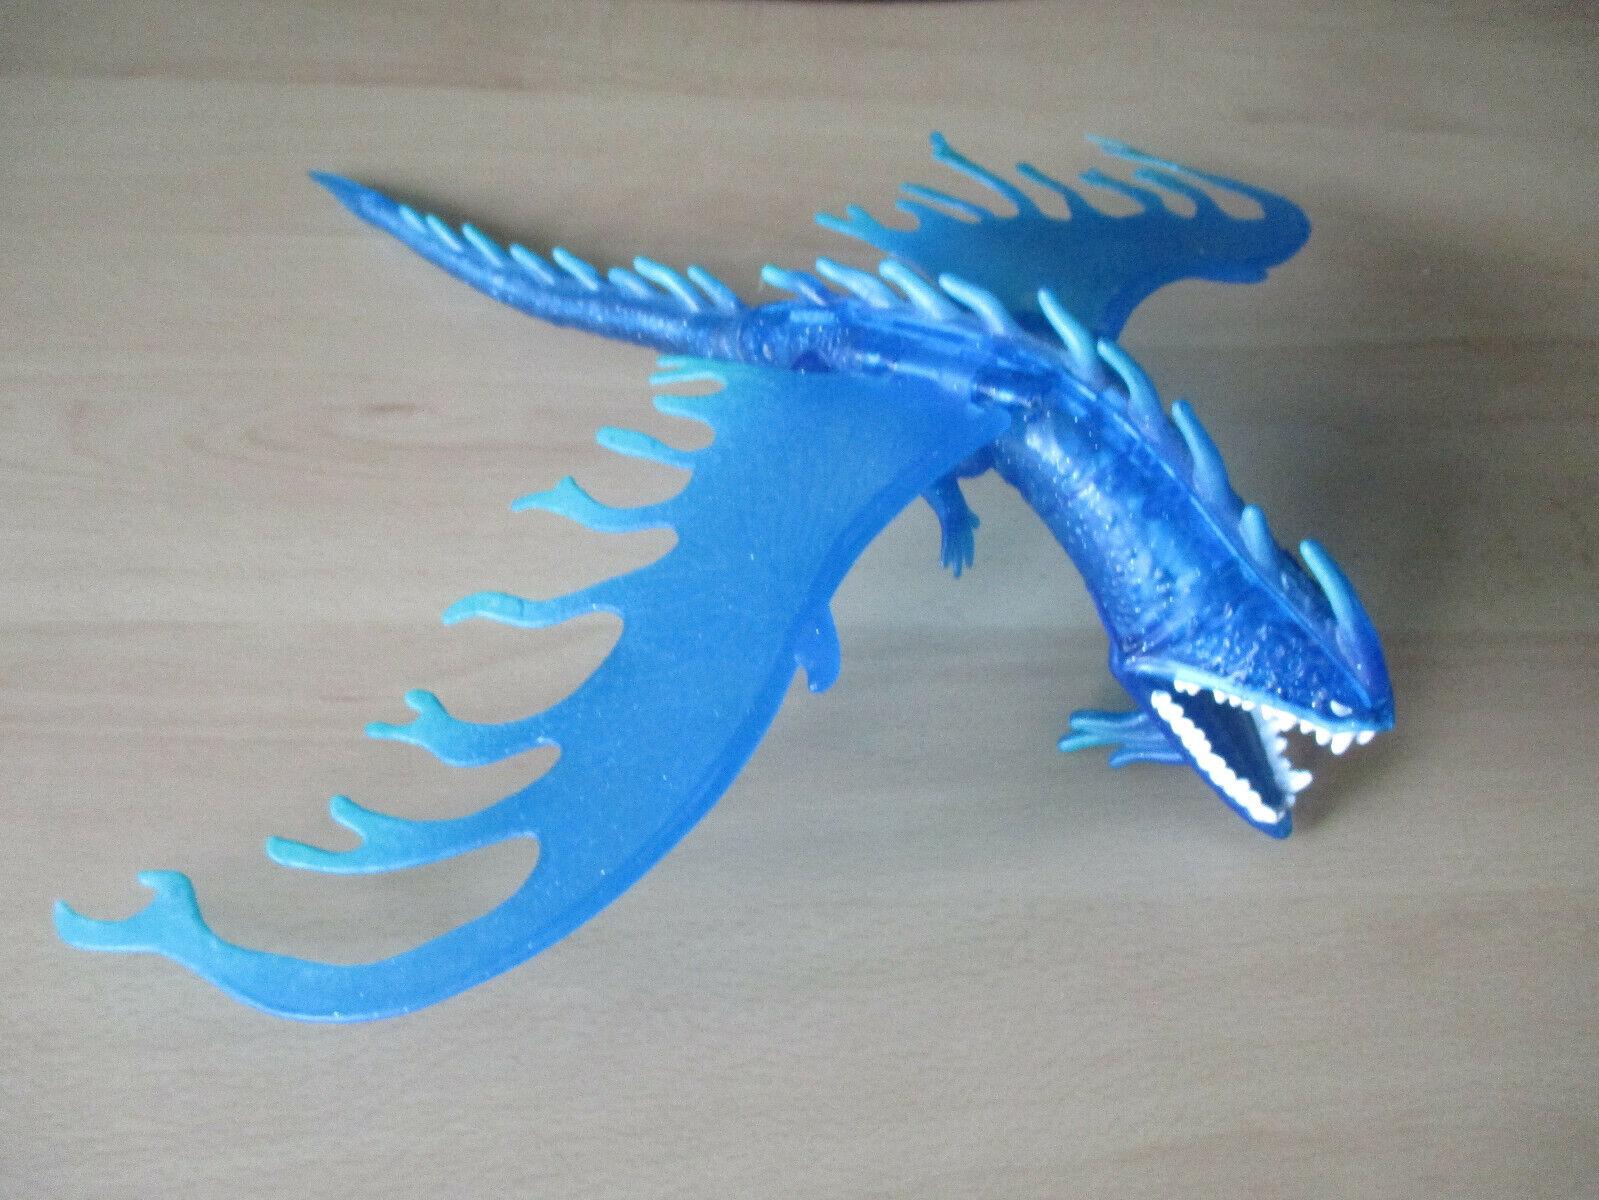 Dragons Drachenzähmen leicht gemacht Spinmaster leuchtender Fluch